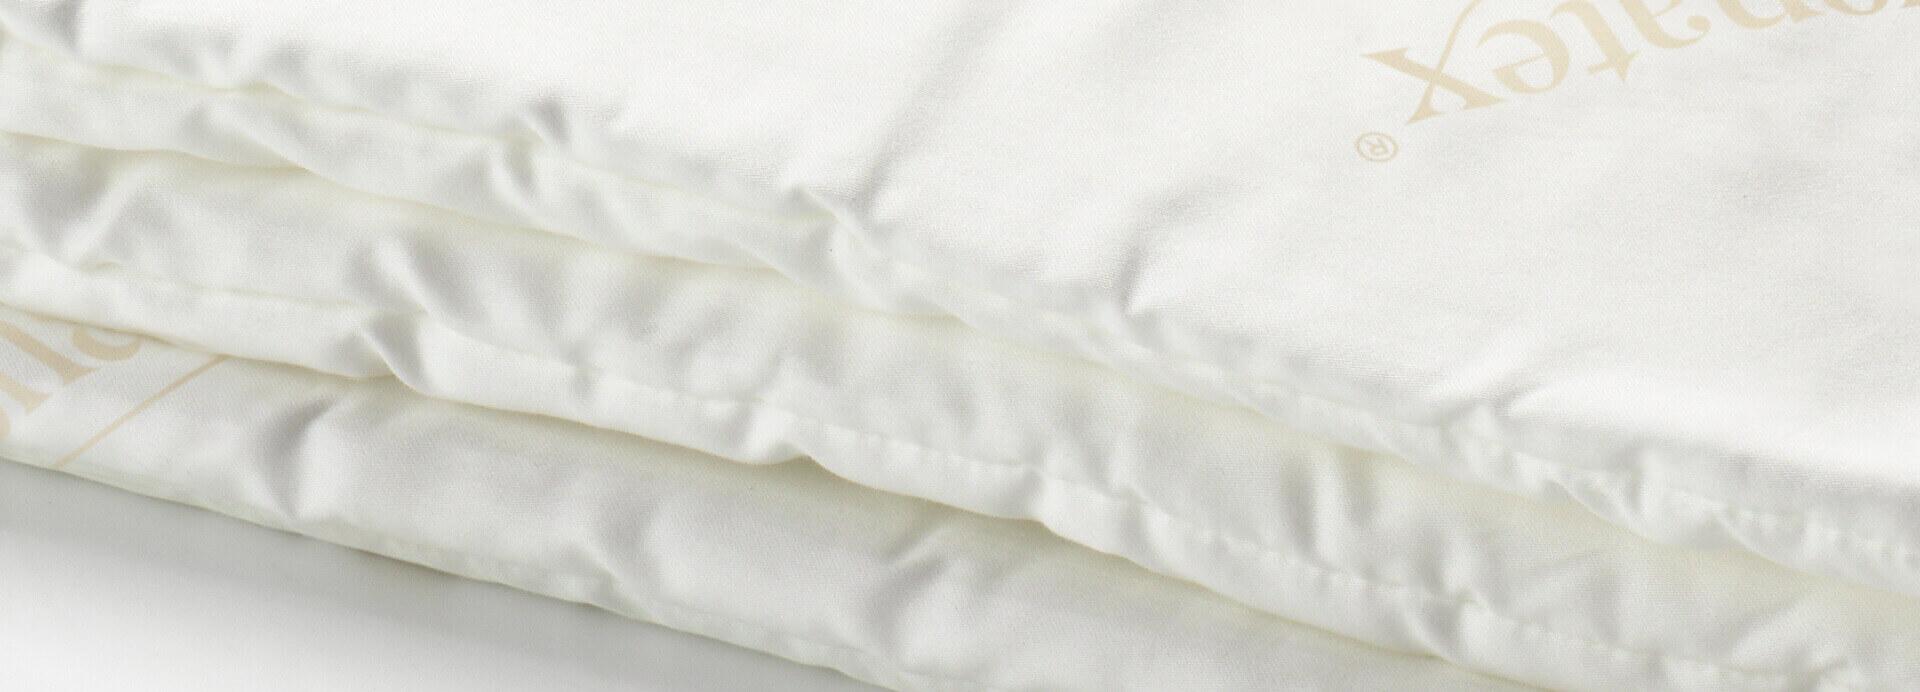 wenaCel® sensitive Sommer-Bettdecke von Wenatex